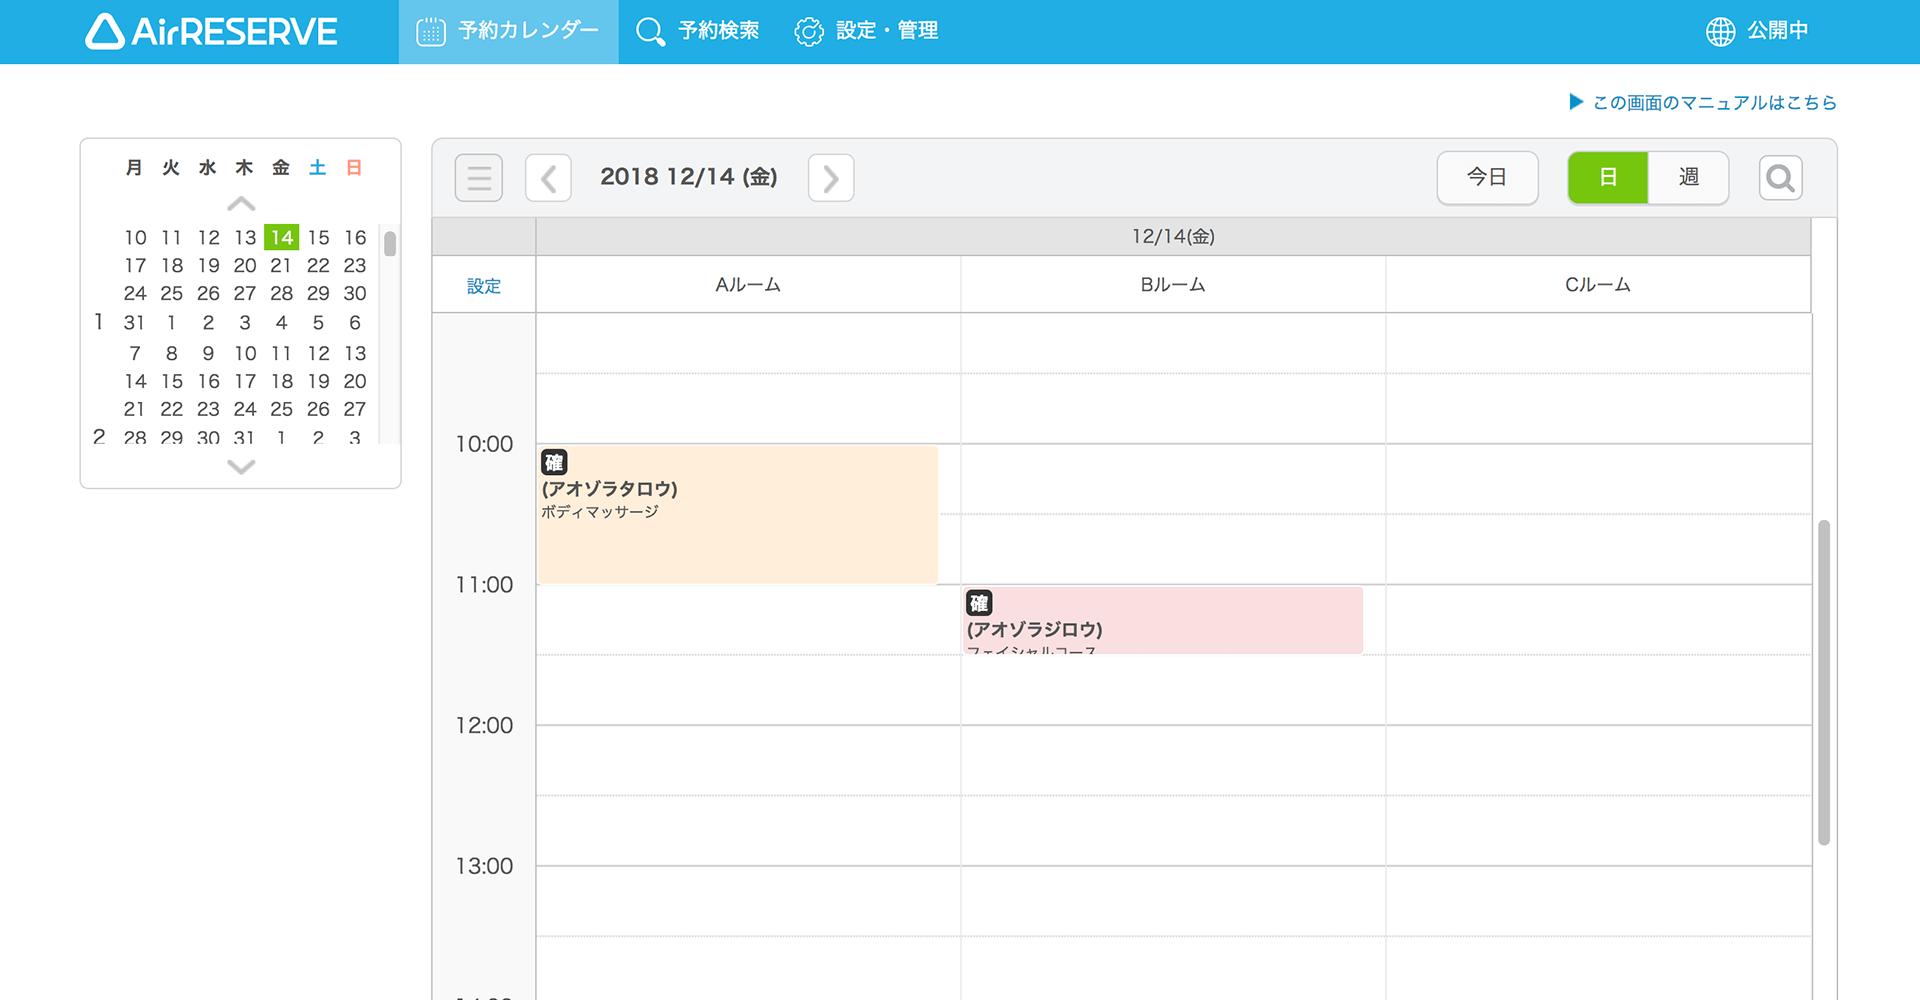 Airリザーブ 予約カレンダー(自由受付タイプ)